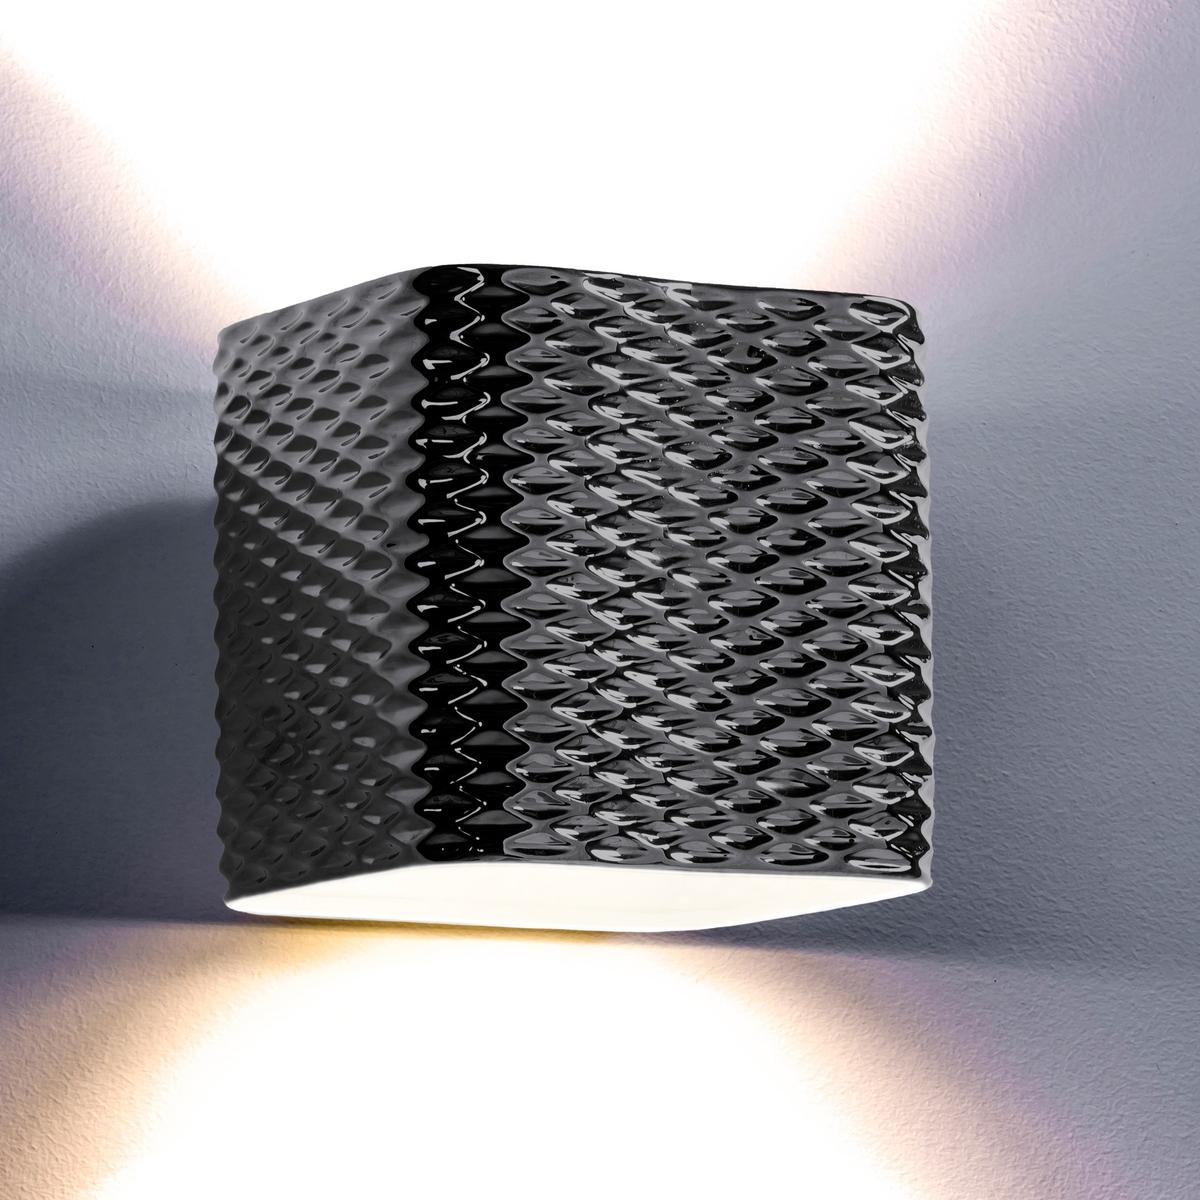 Светильник NastassiaИз рельефной керамики цвета хром . 2 патрона GU10 для лампочек макс 35 W (не входят в комплект) . Размер. Д.22 x Гл.22 x.22 см. Этот светильник совместим с лампочками    энергетического класса   A, B, C, D, E .<br><br>Цвет: красно-коричневый<br>Размер: единый размер